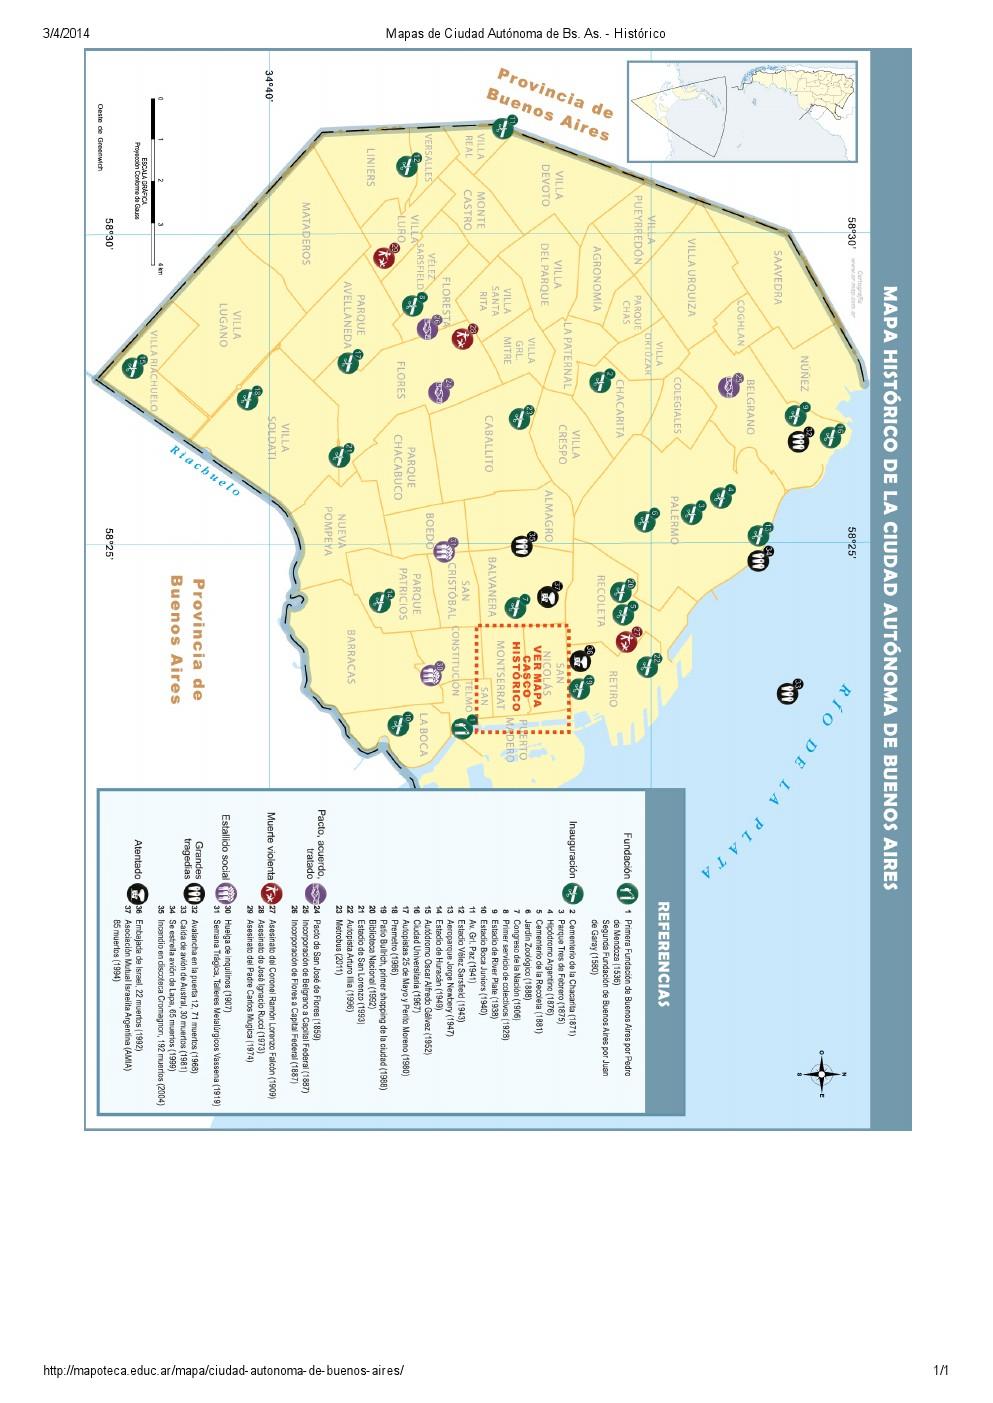 Mapa histórico de la ciudad de Buenos Aires. Mapoteca de Educ.ar